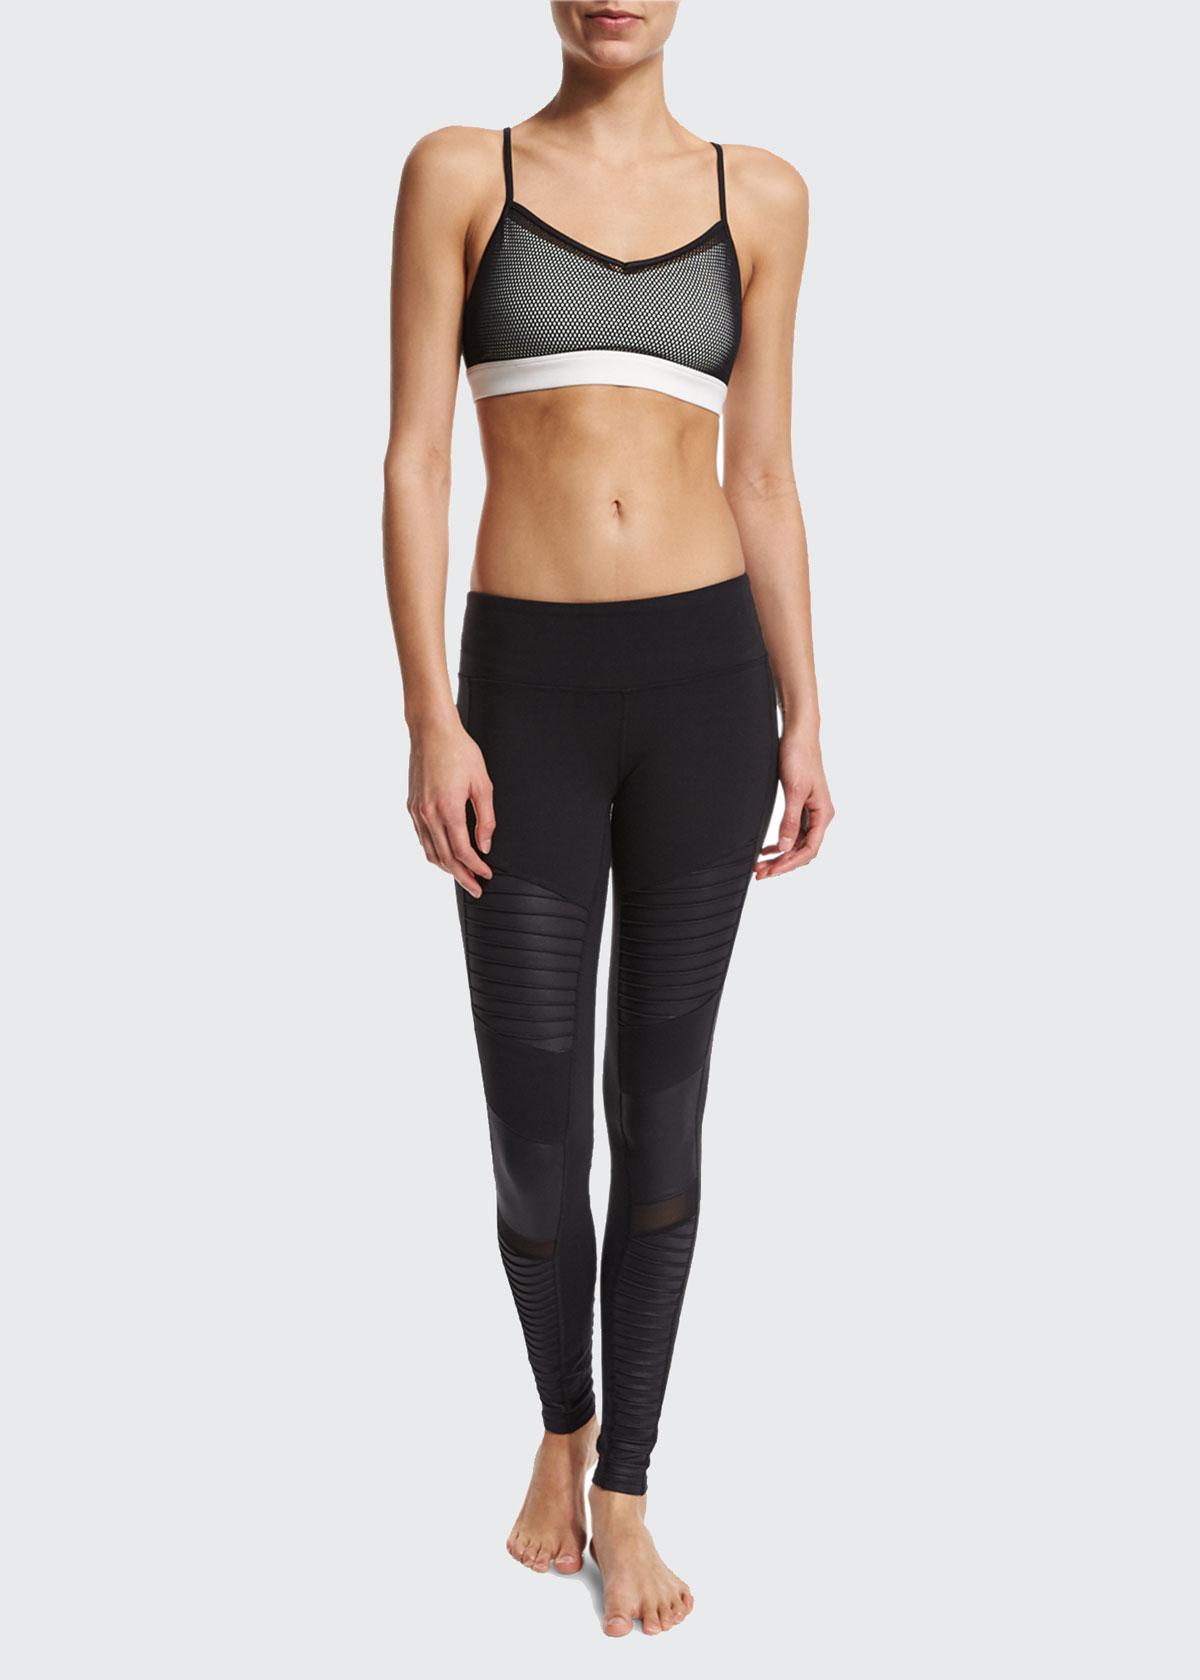 Alo Yoga Moto Full-Length Sport Leggings, Black, Size: XS, Black/Blk Glossy